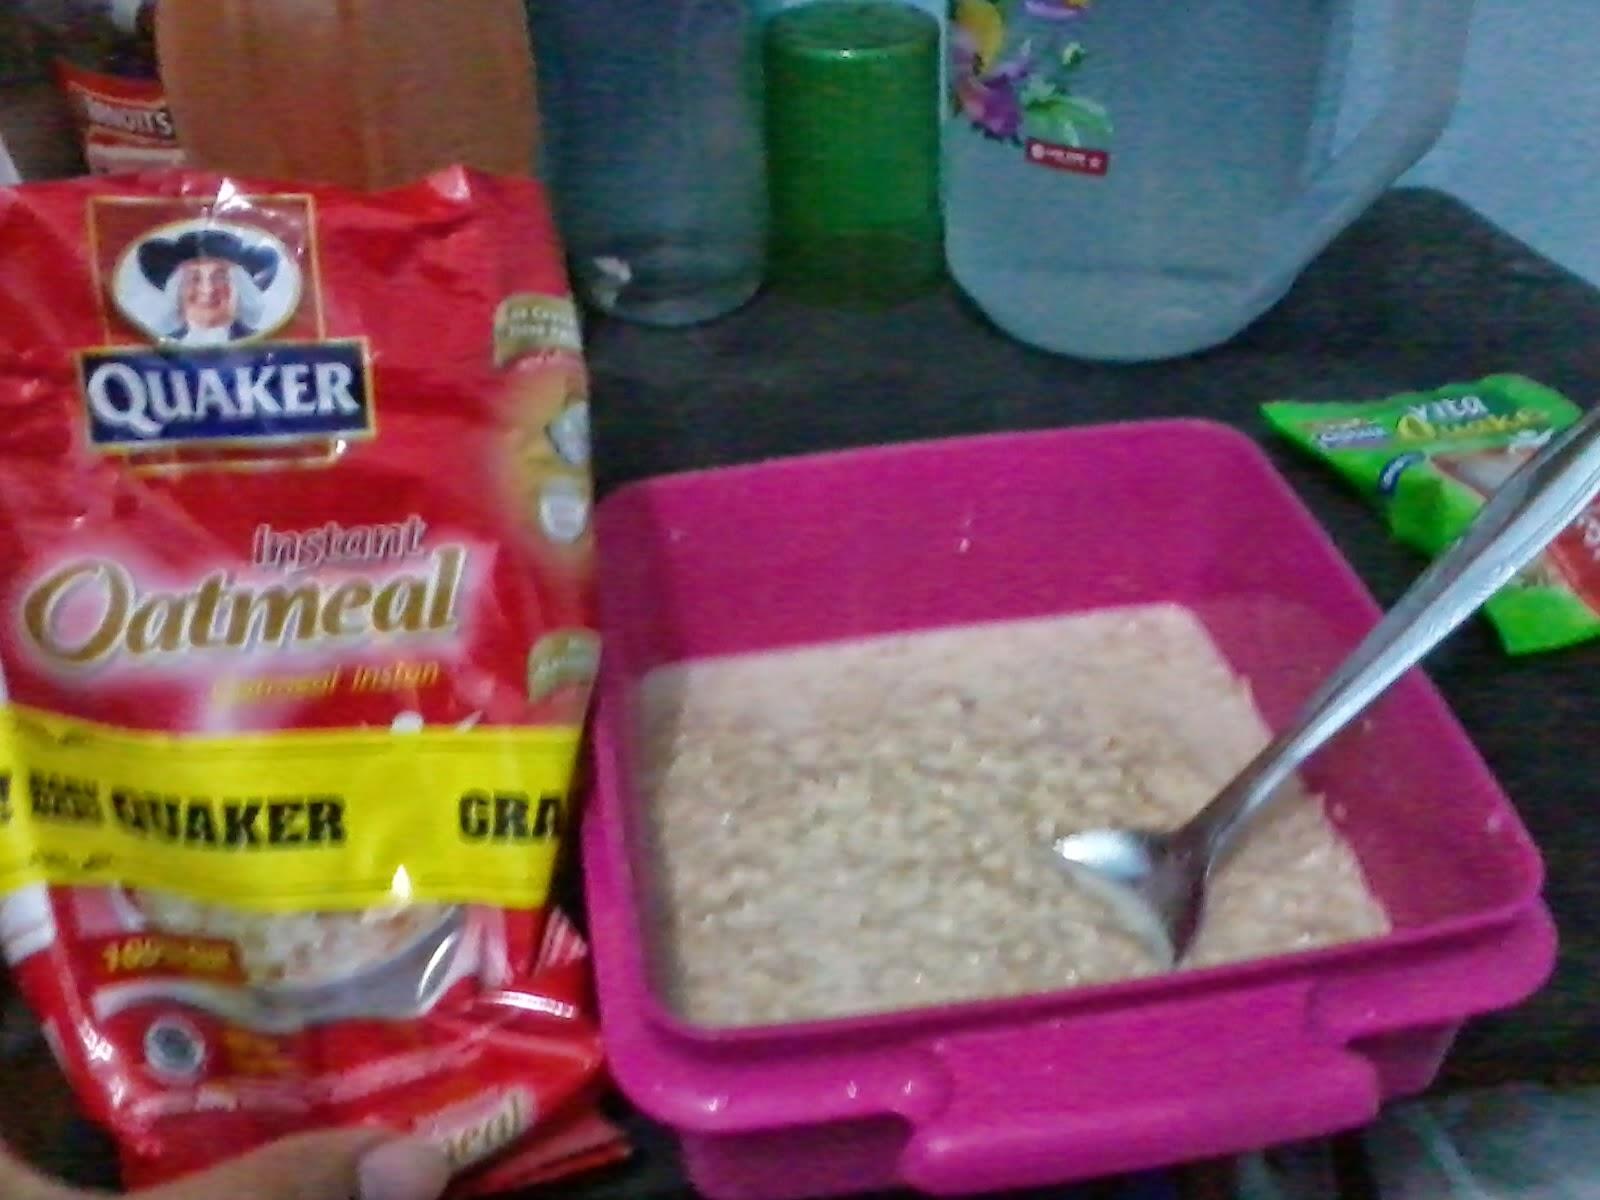 Apakah bisa diet dengan quaker oat?